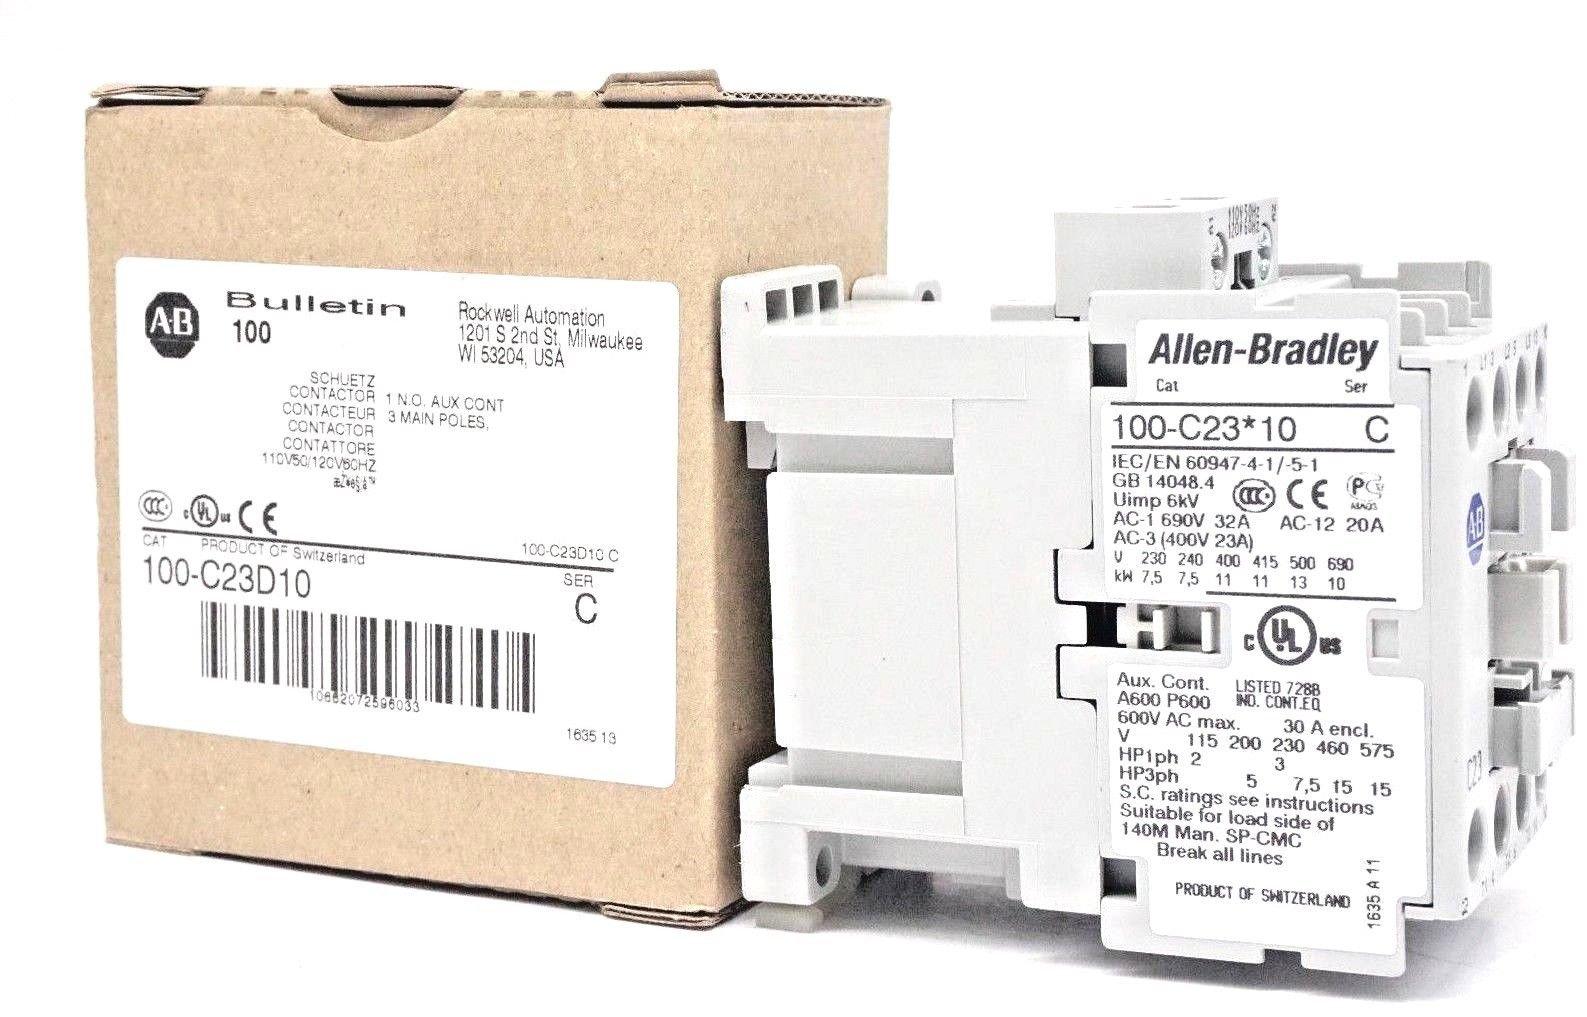 New Allen Bradley 100-C23D10 CONTACTOR Series C 100C23D10